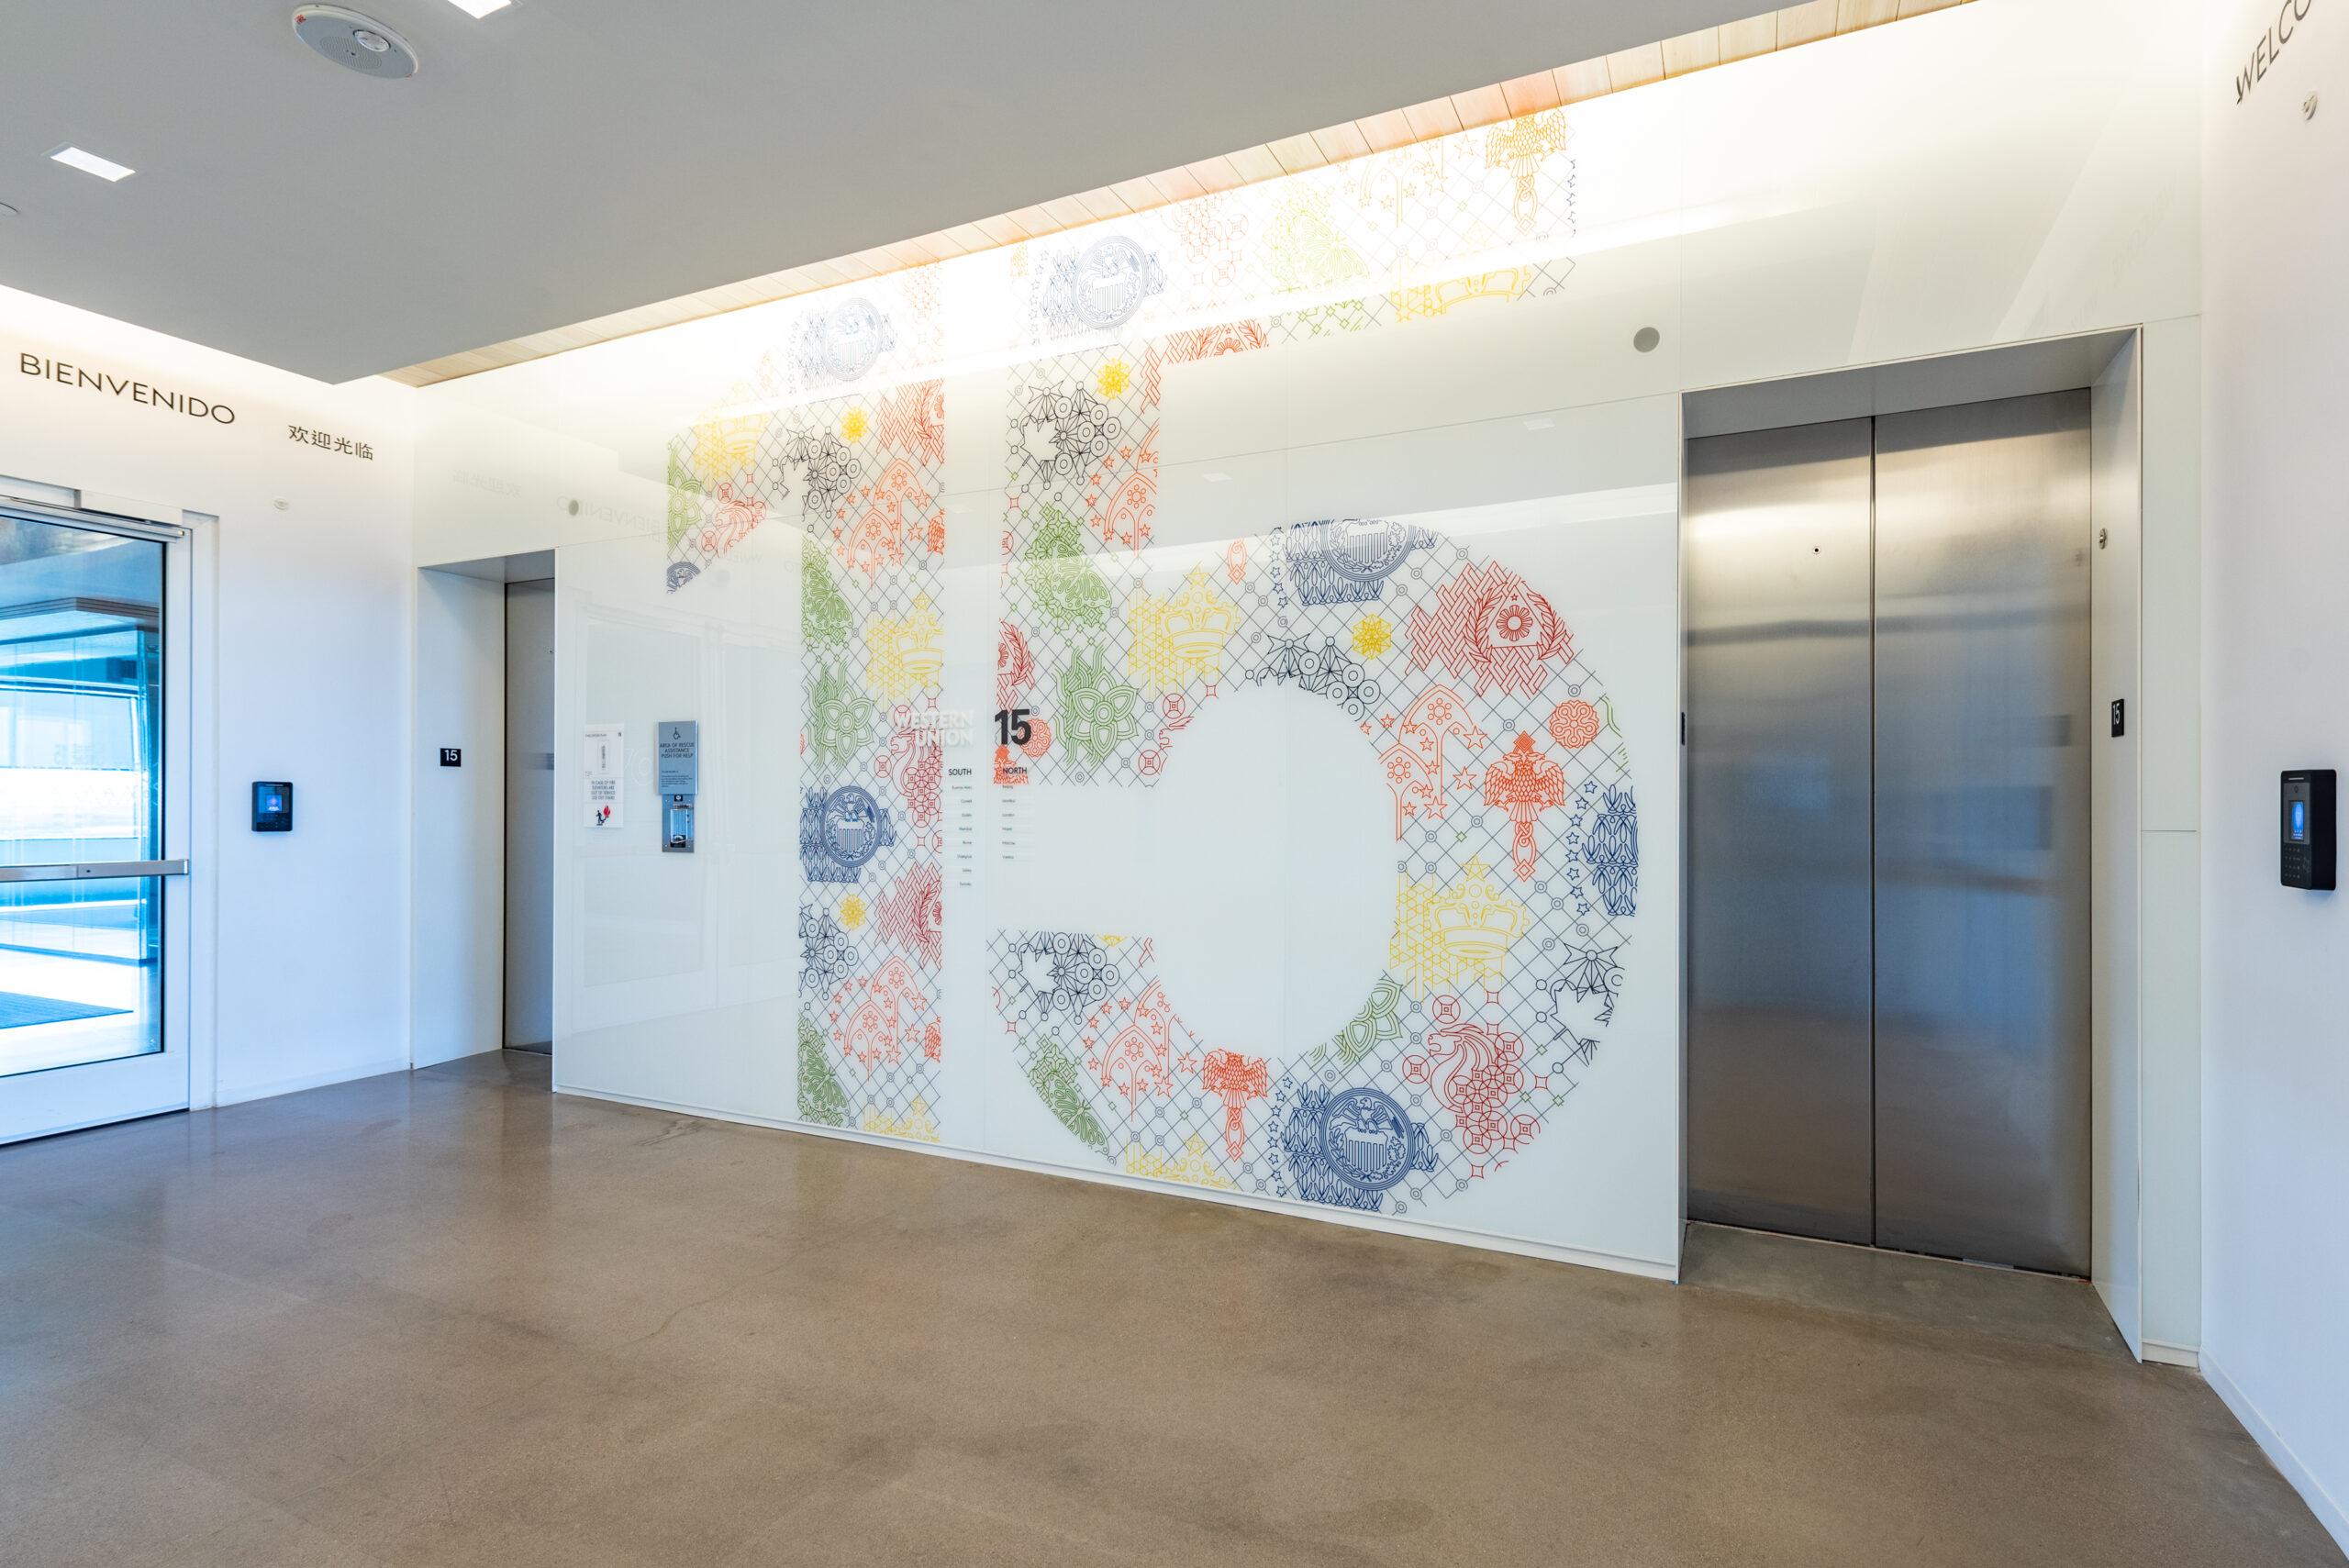 Western Union 15th Floor Elevator Lobby